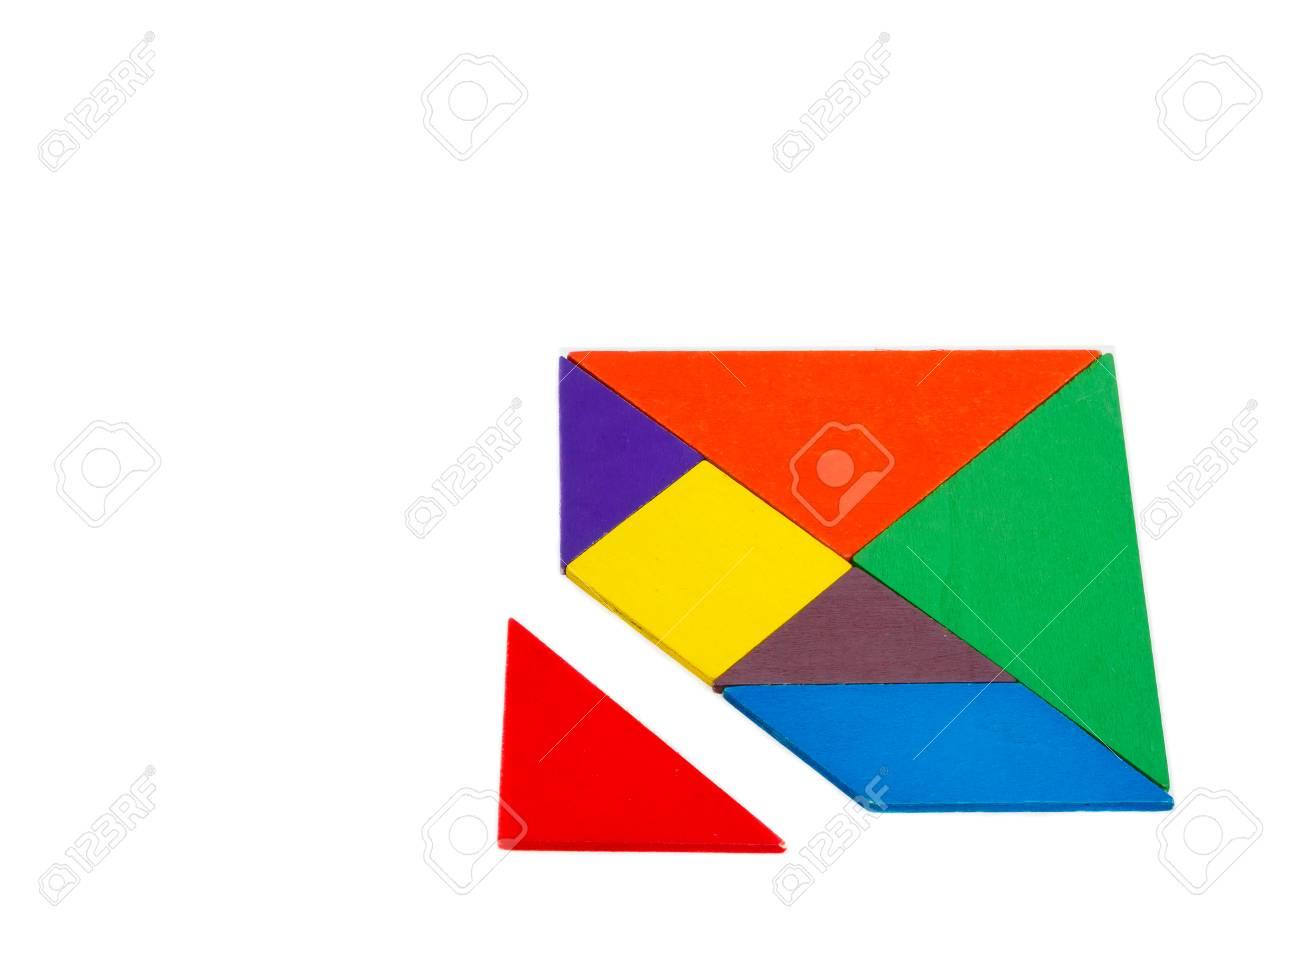 Une Pièce Manquante Dans Un Puzzle De Tangram Carré Puzzle En Bois Coloré  Pour Enfant Sur Fond Blanc dedans Tangram Enfant